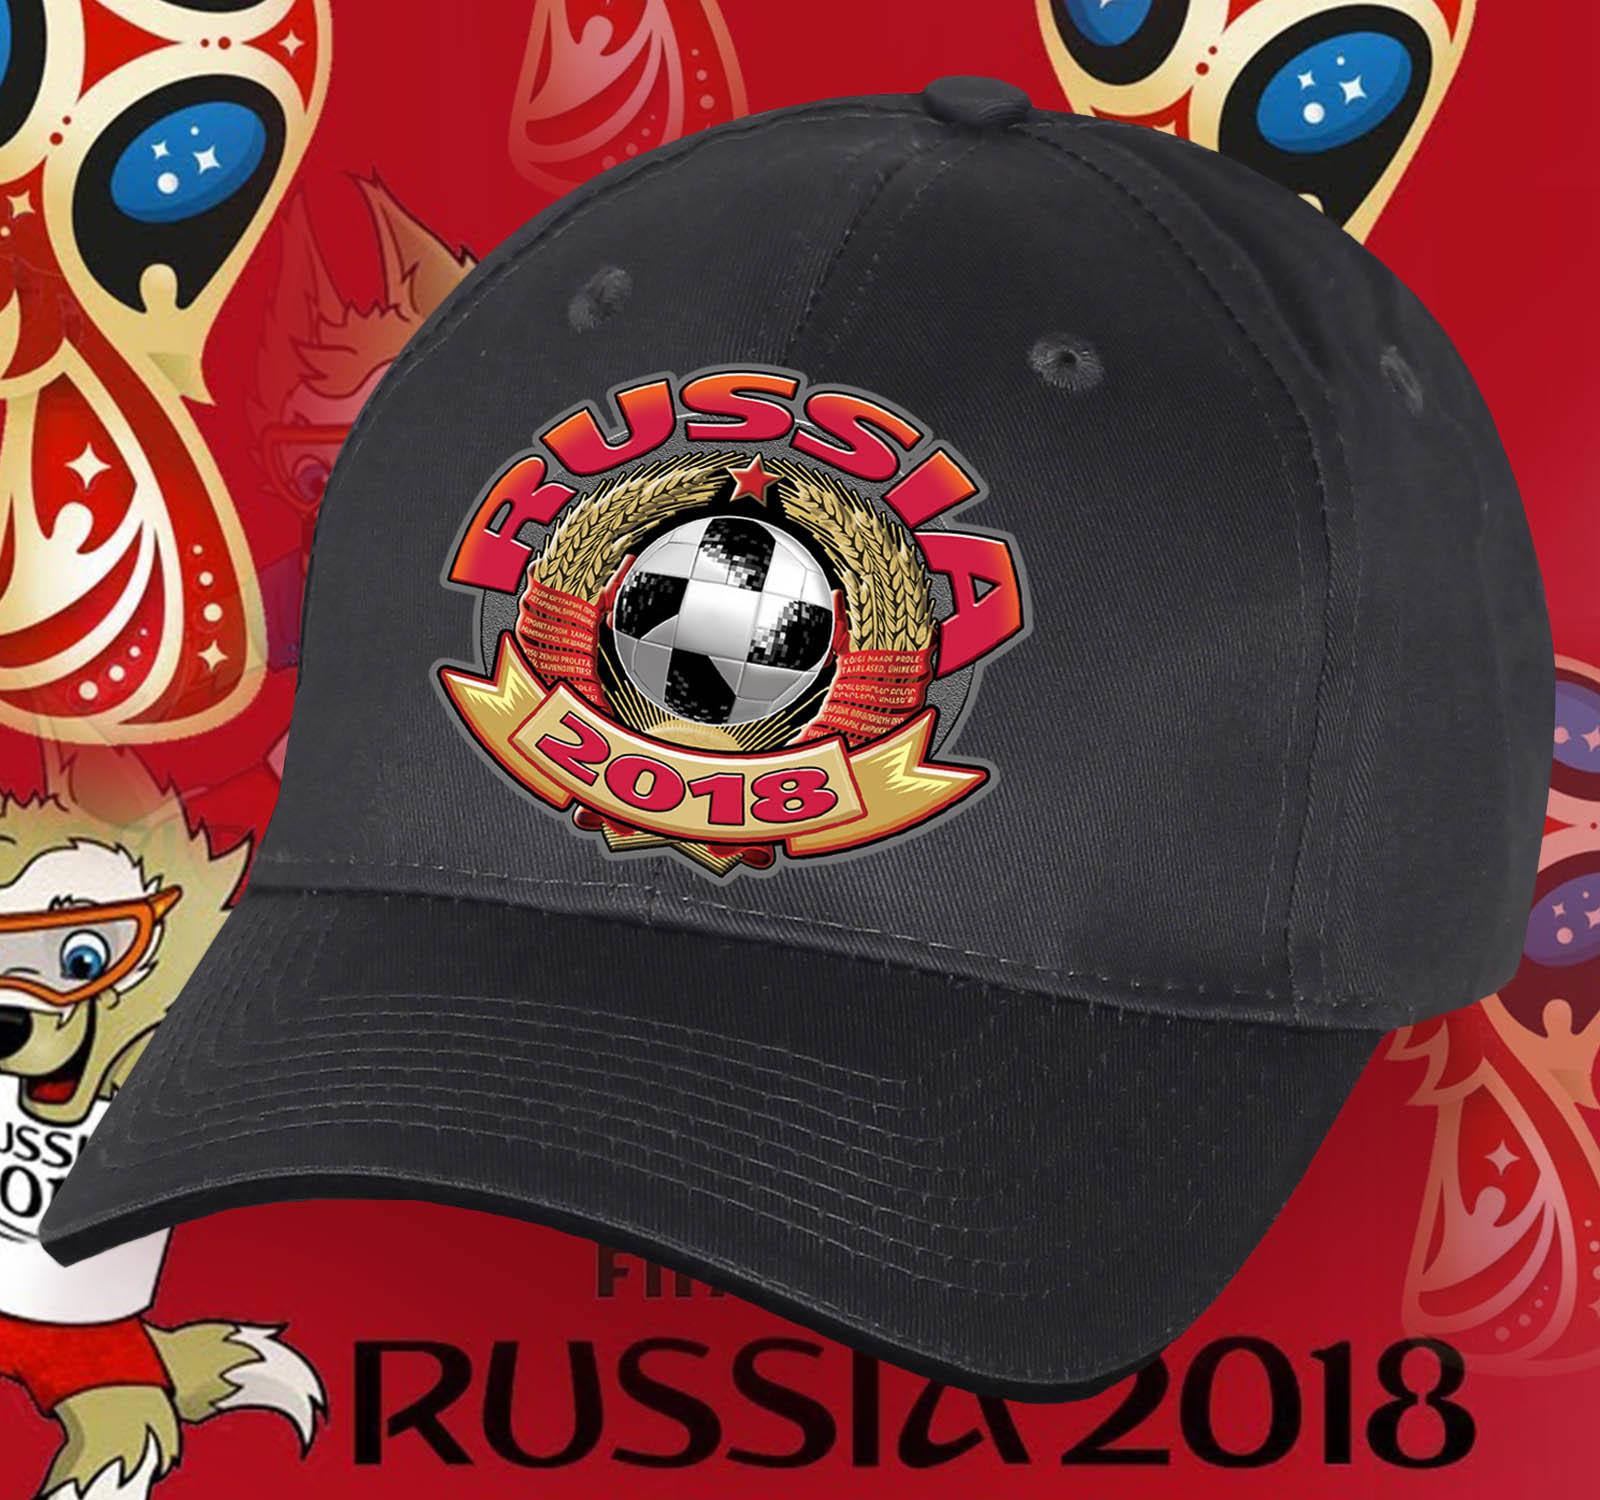 ББейсболка Russia для футбольных болельщиков.